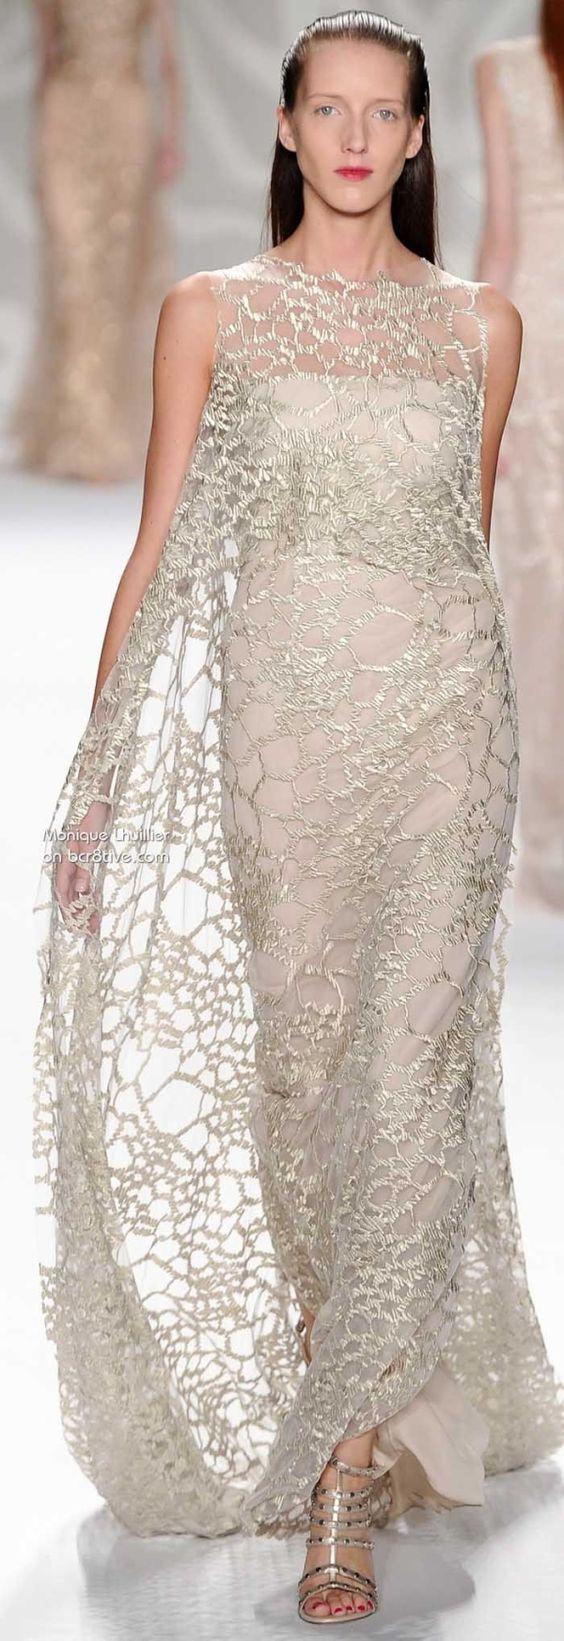 monique lhuillier - simple gowns